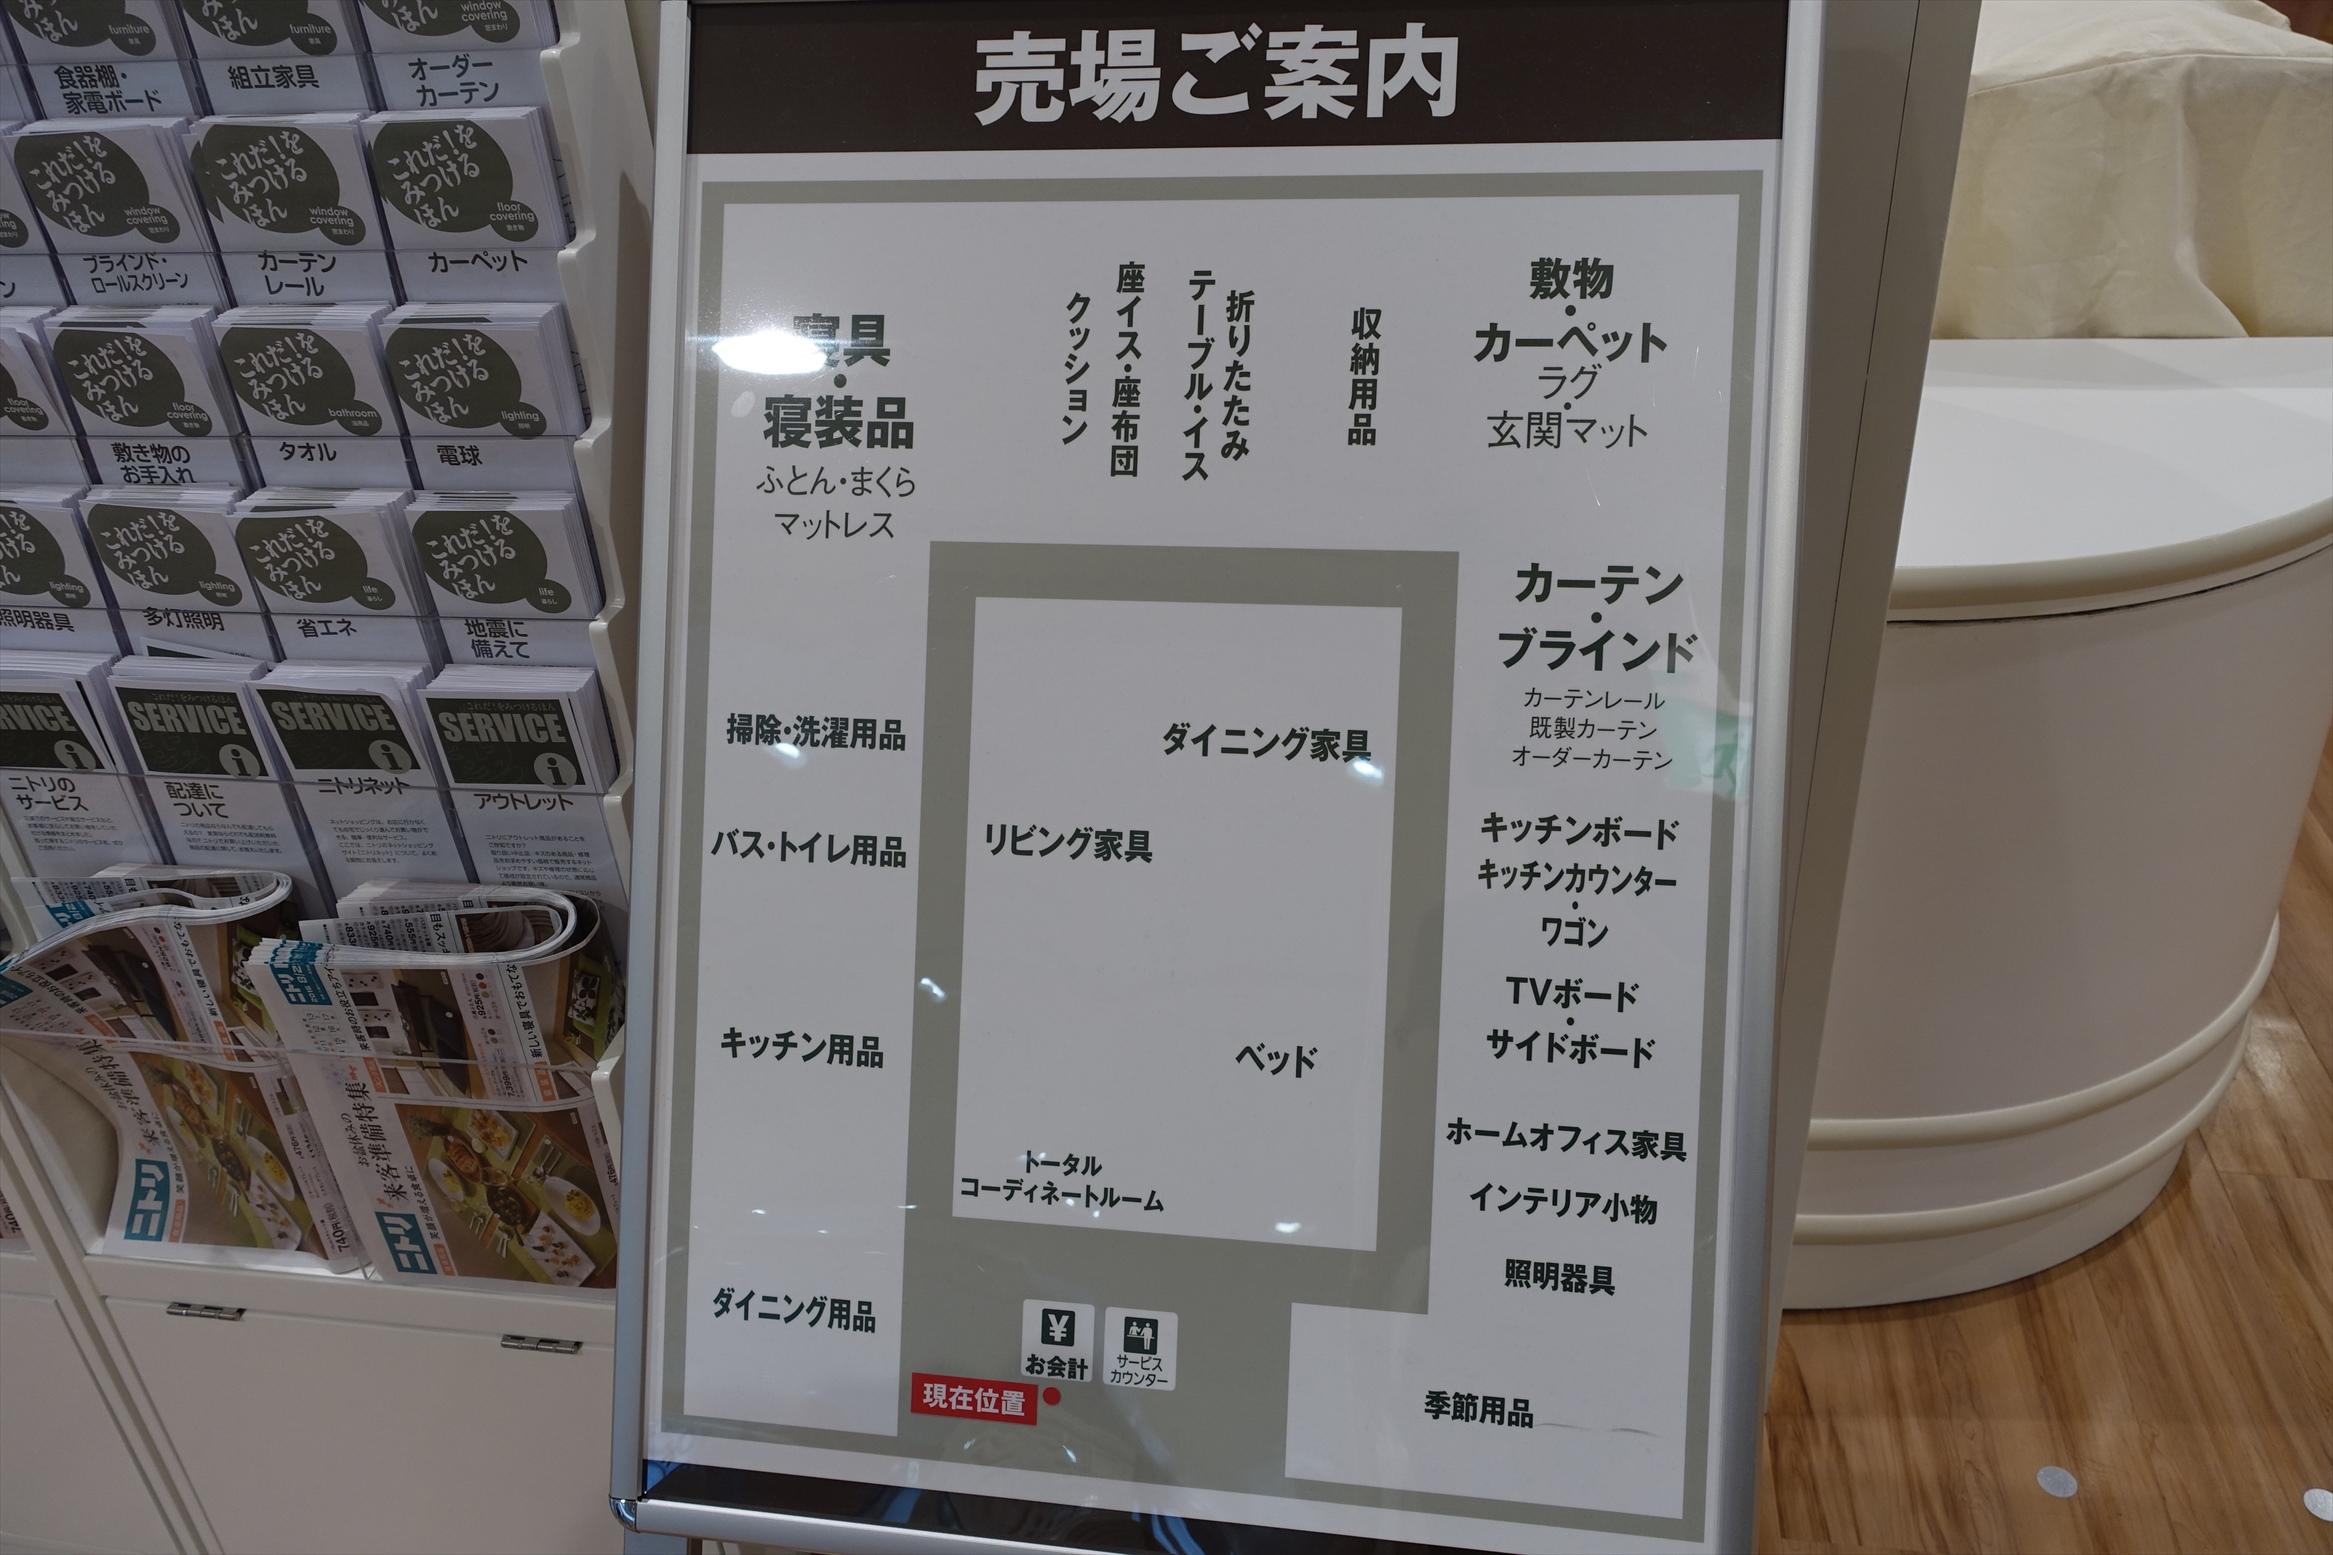 錦糸 町 オリナス 営業 時間